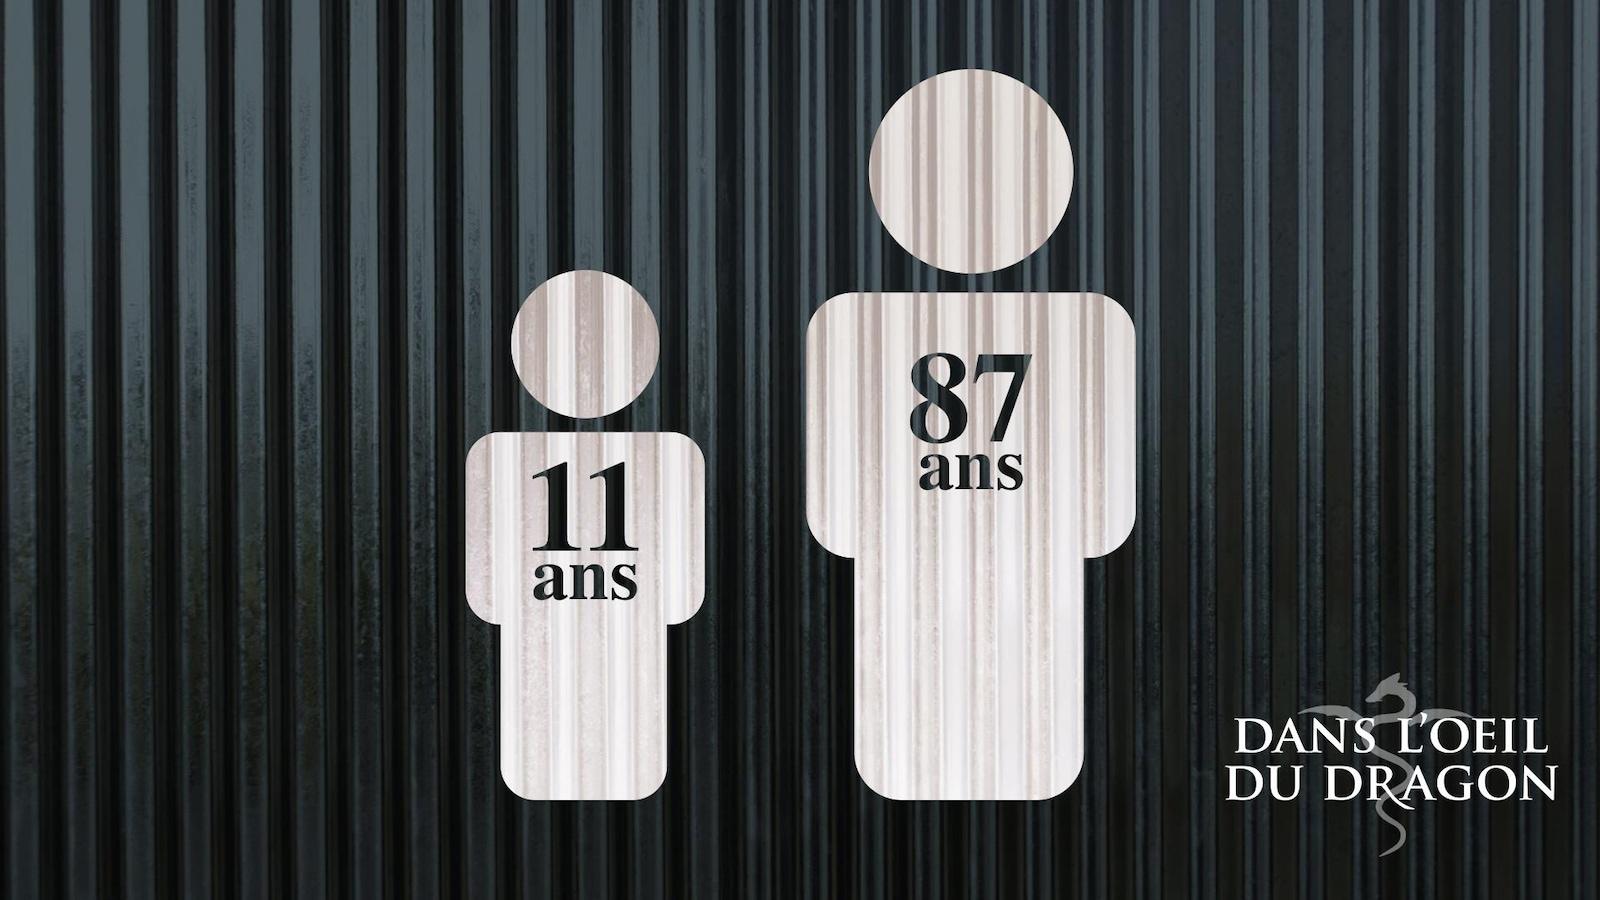 un pictogramme pour illustrer l'age des participant plus jeune et plus vieux.